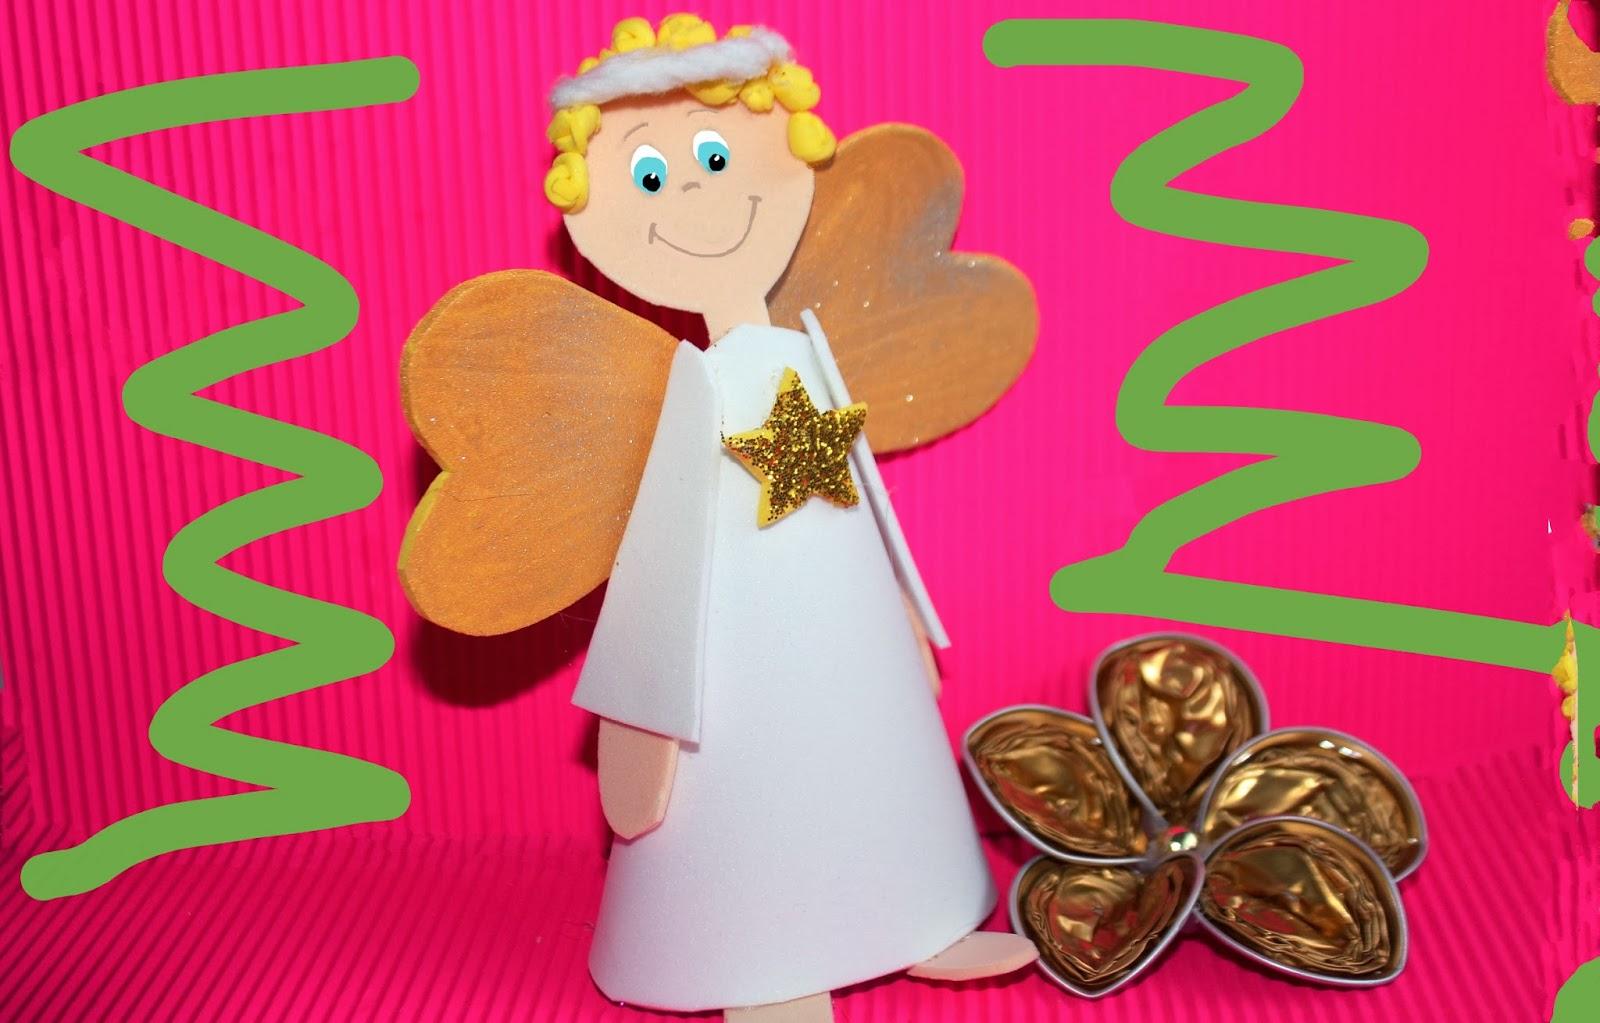 Angel de goma eva o cart n con moldes manualidades de navidad - Manualidades navidad goma eva ...